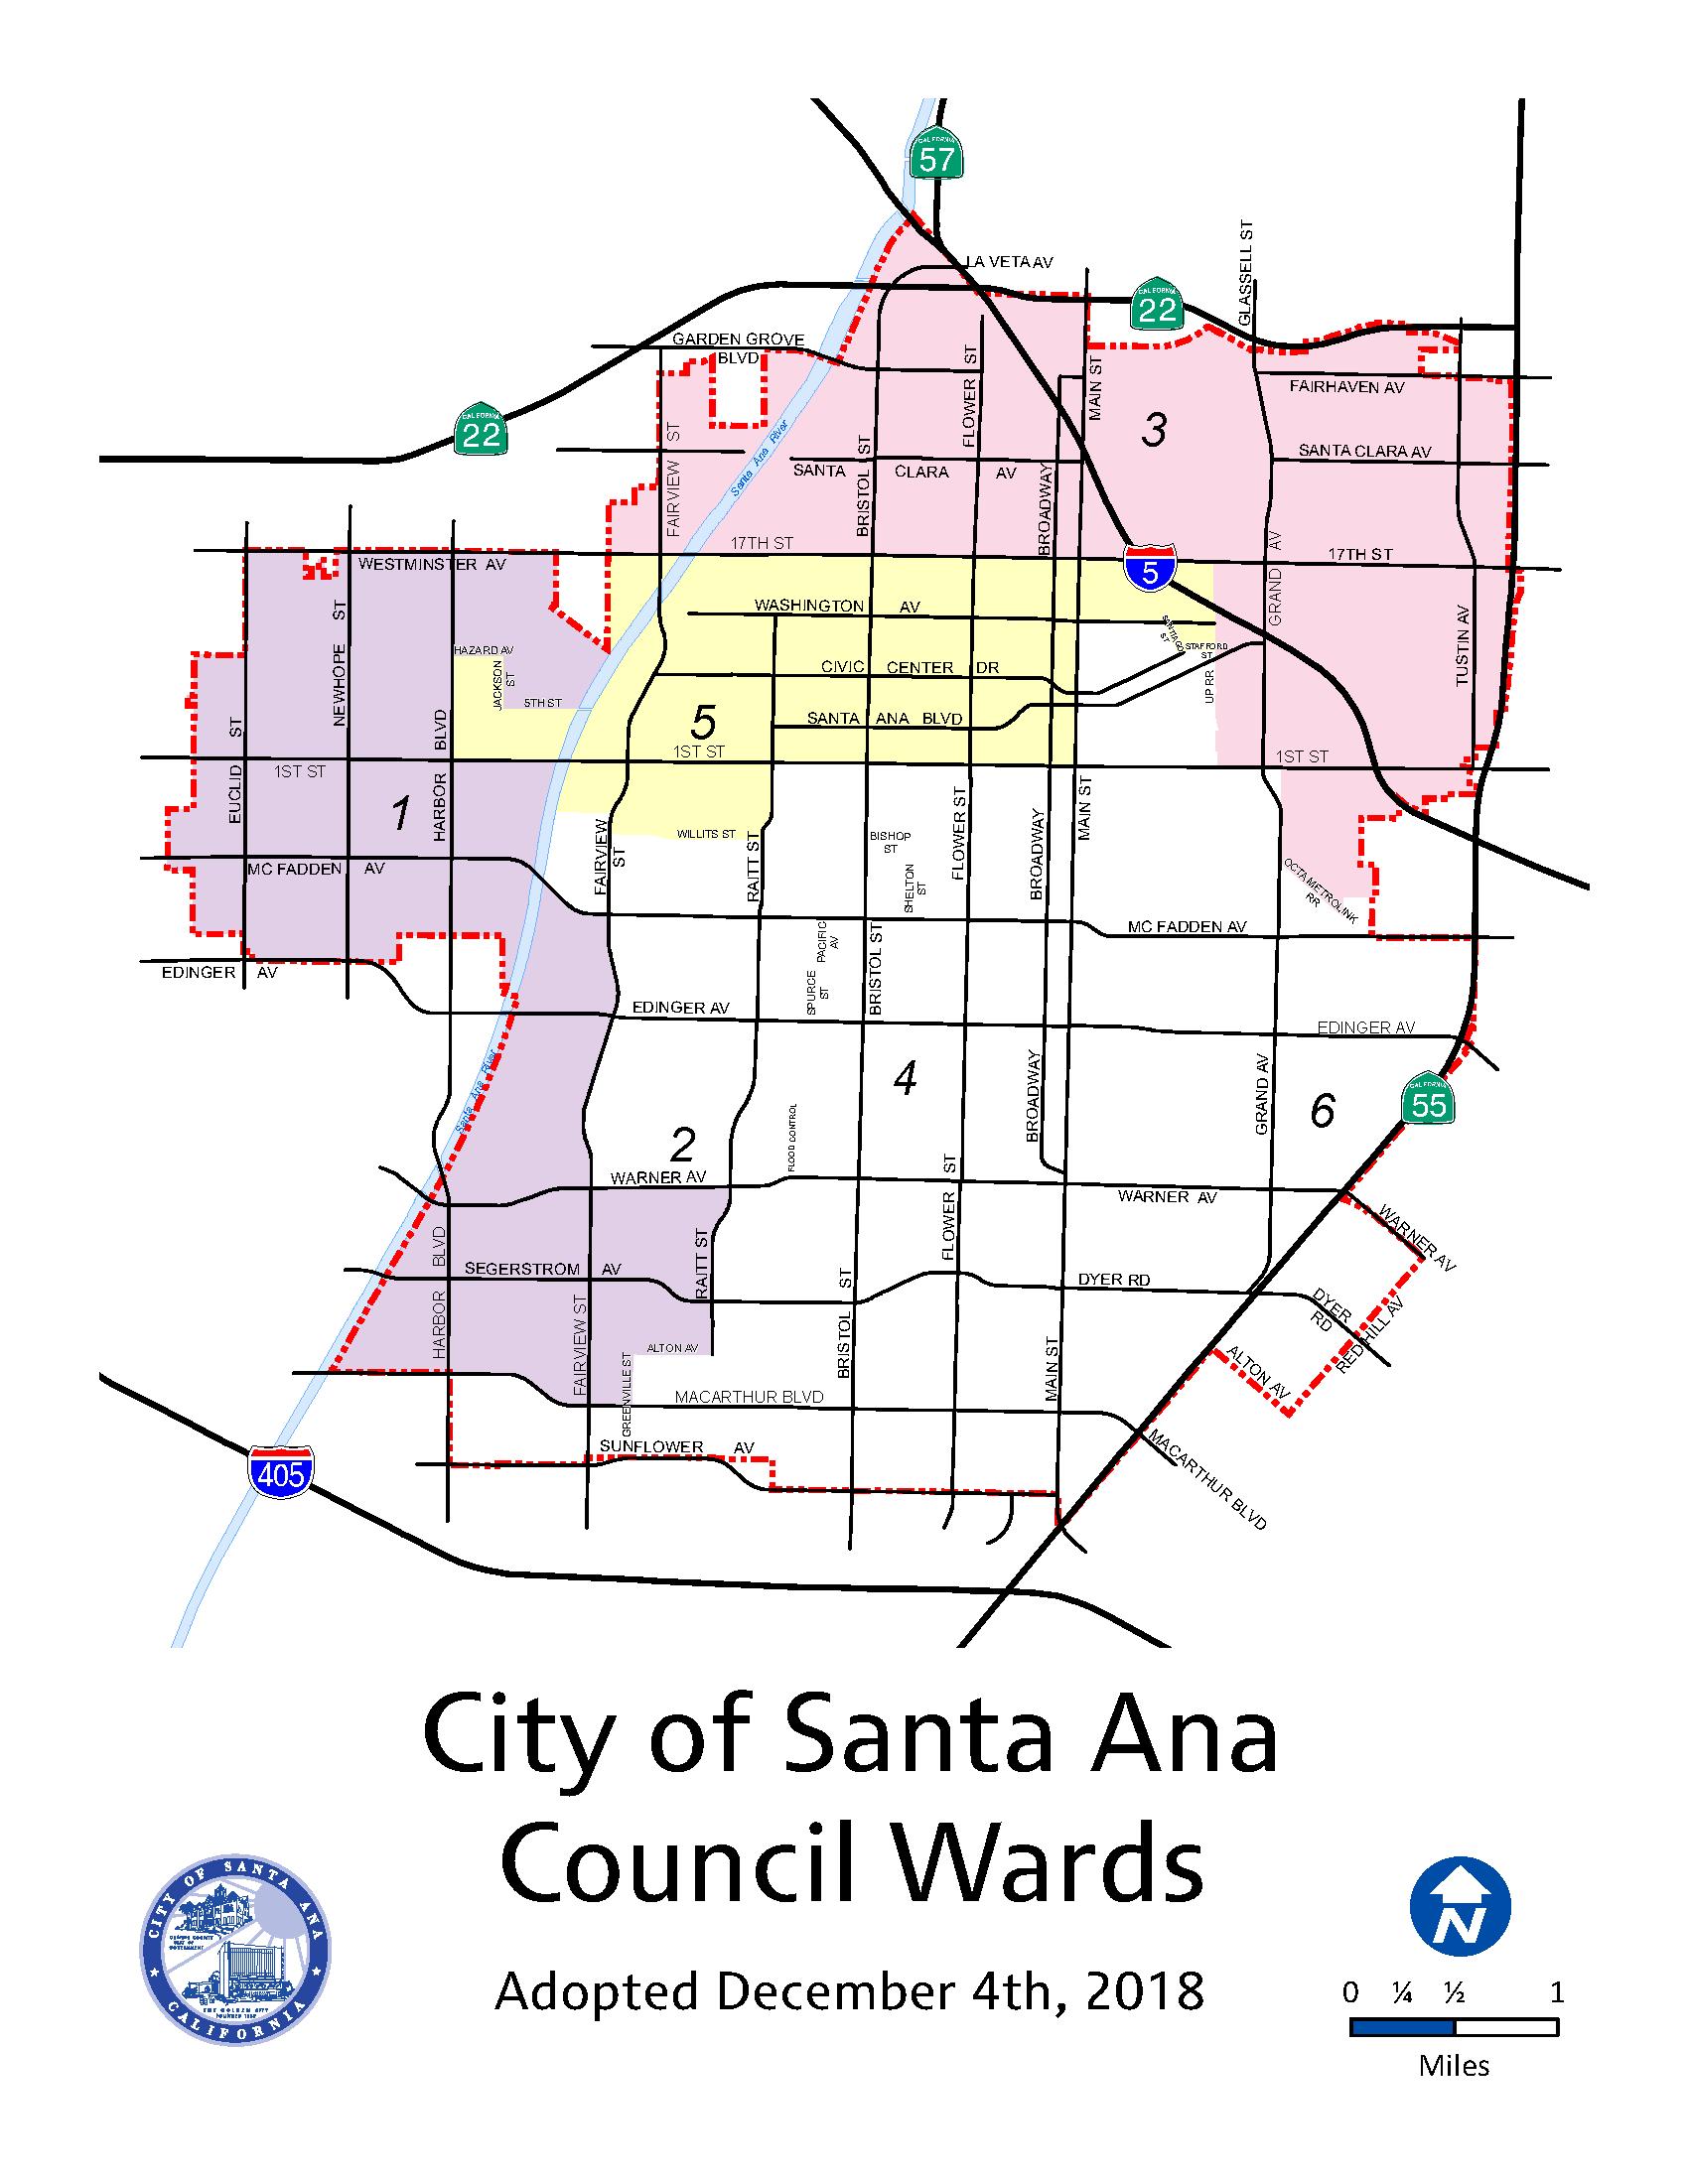 2020_ward_map_wards_2020